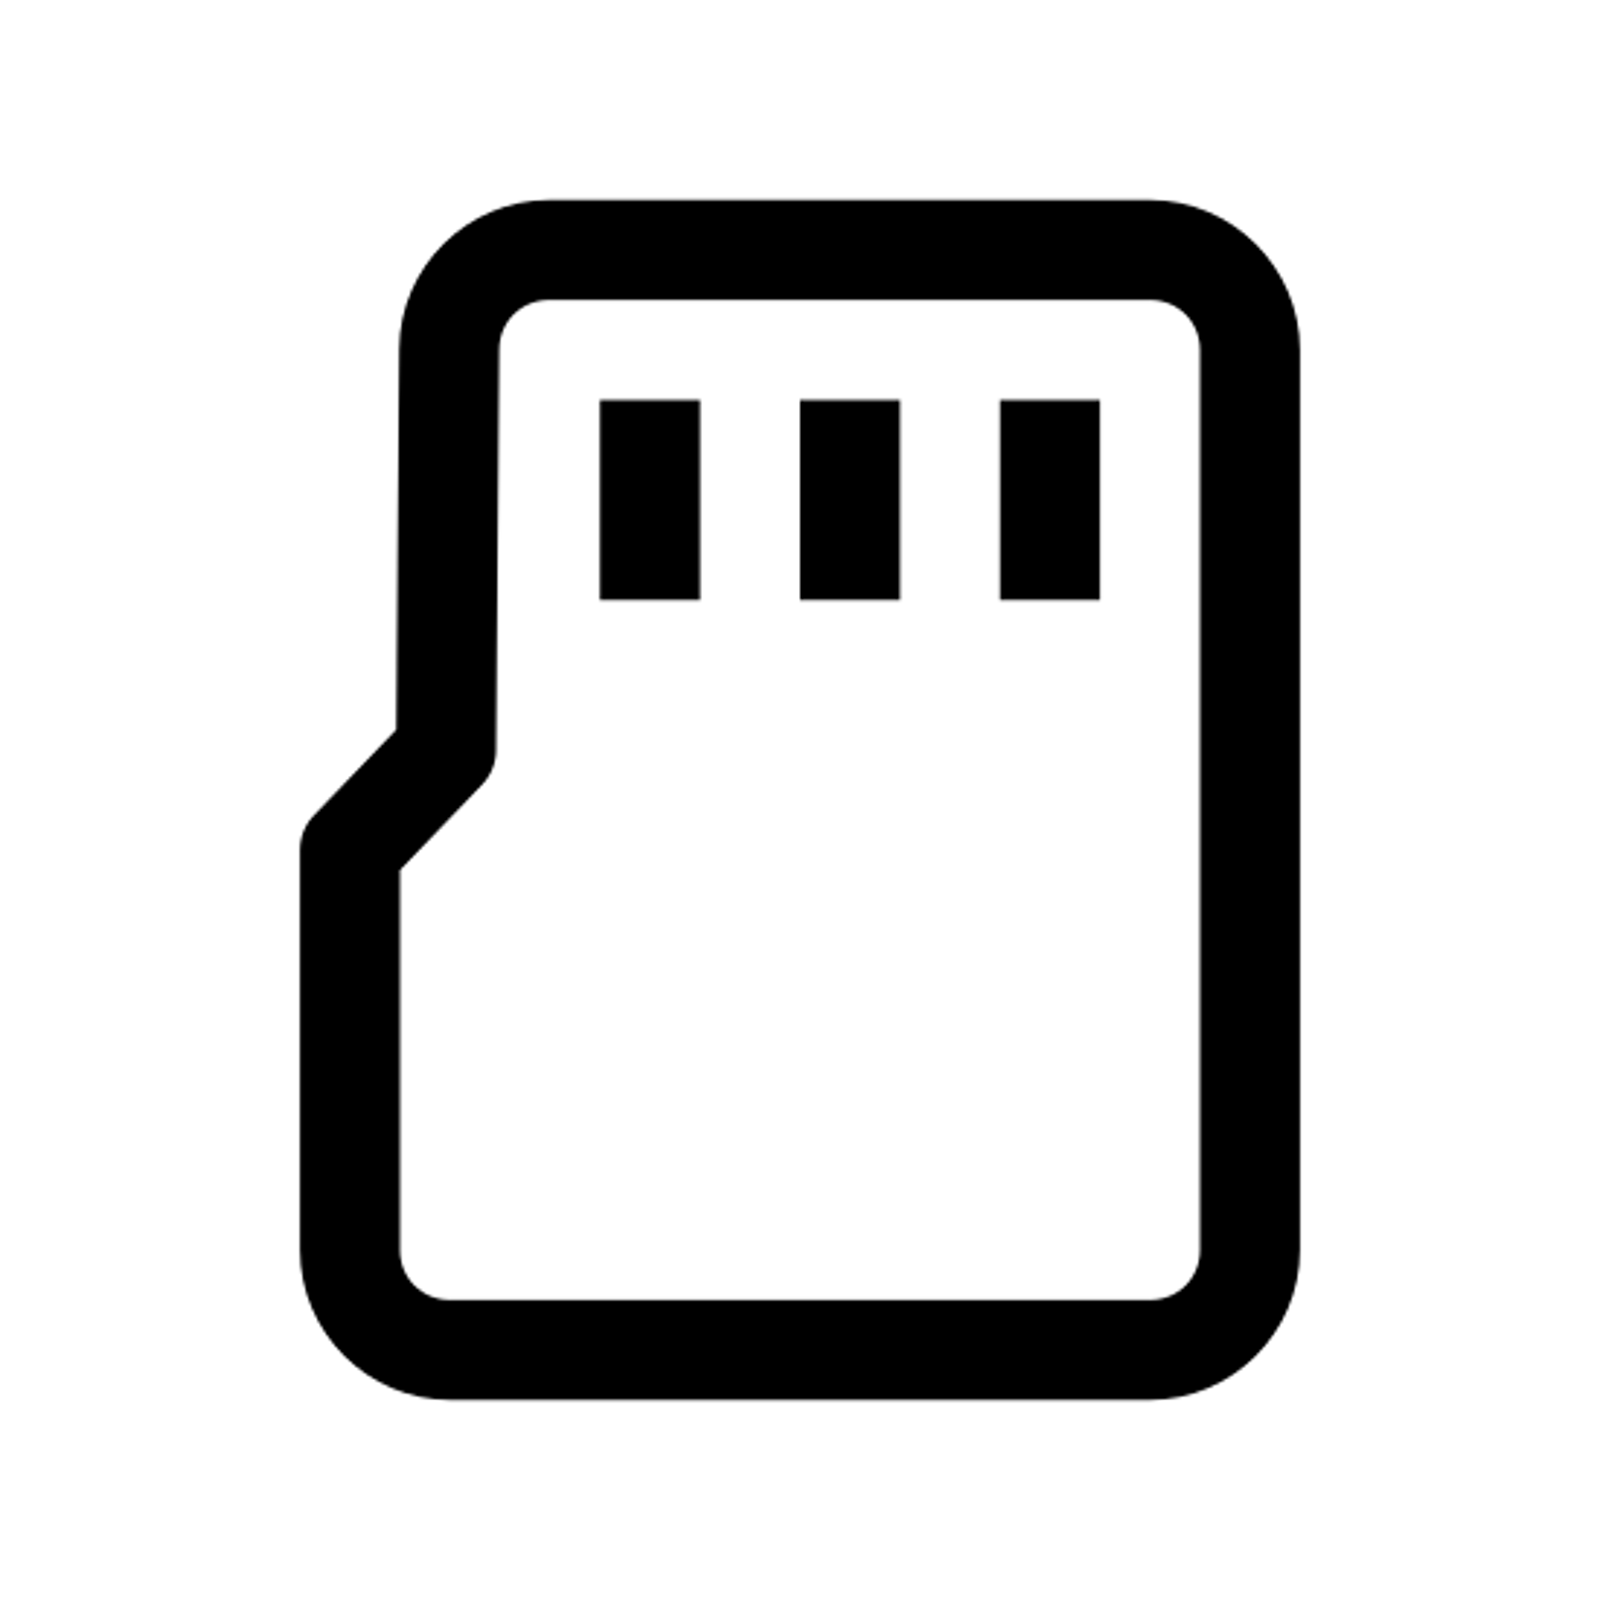 Карта памяти Micro SD icon